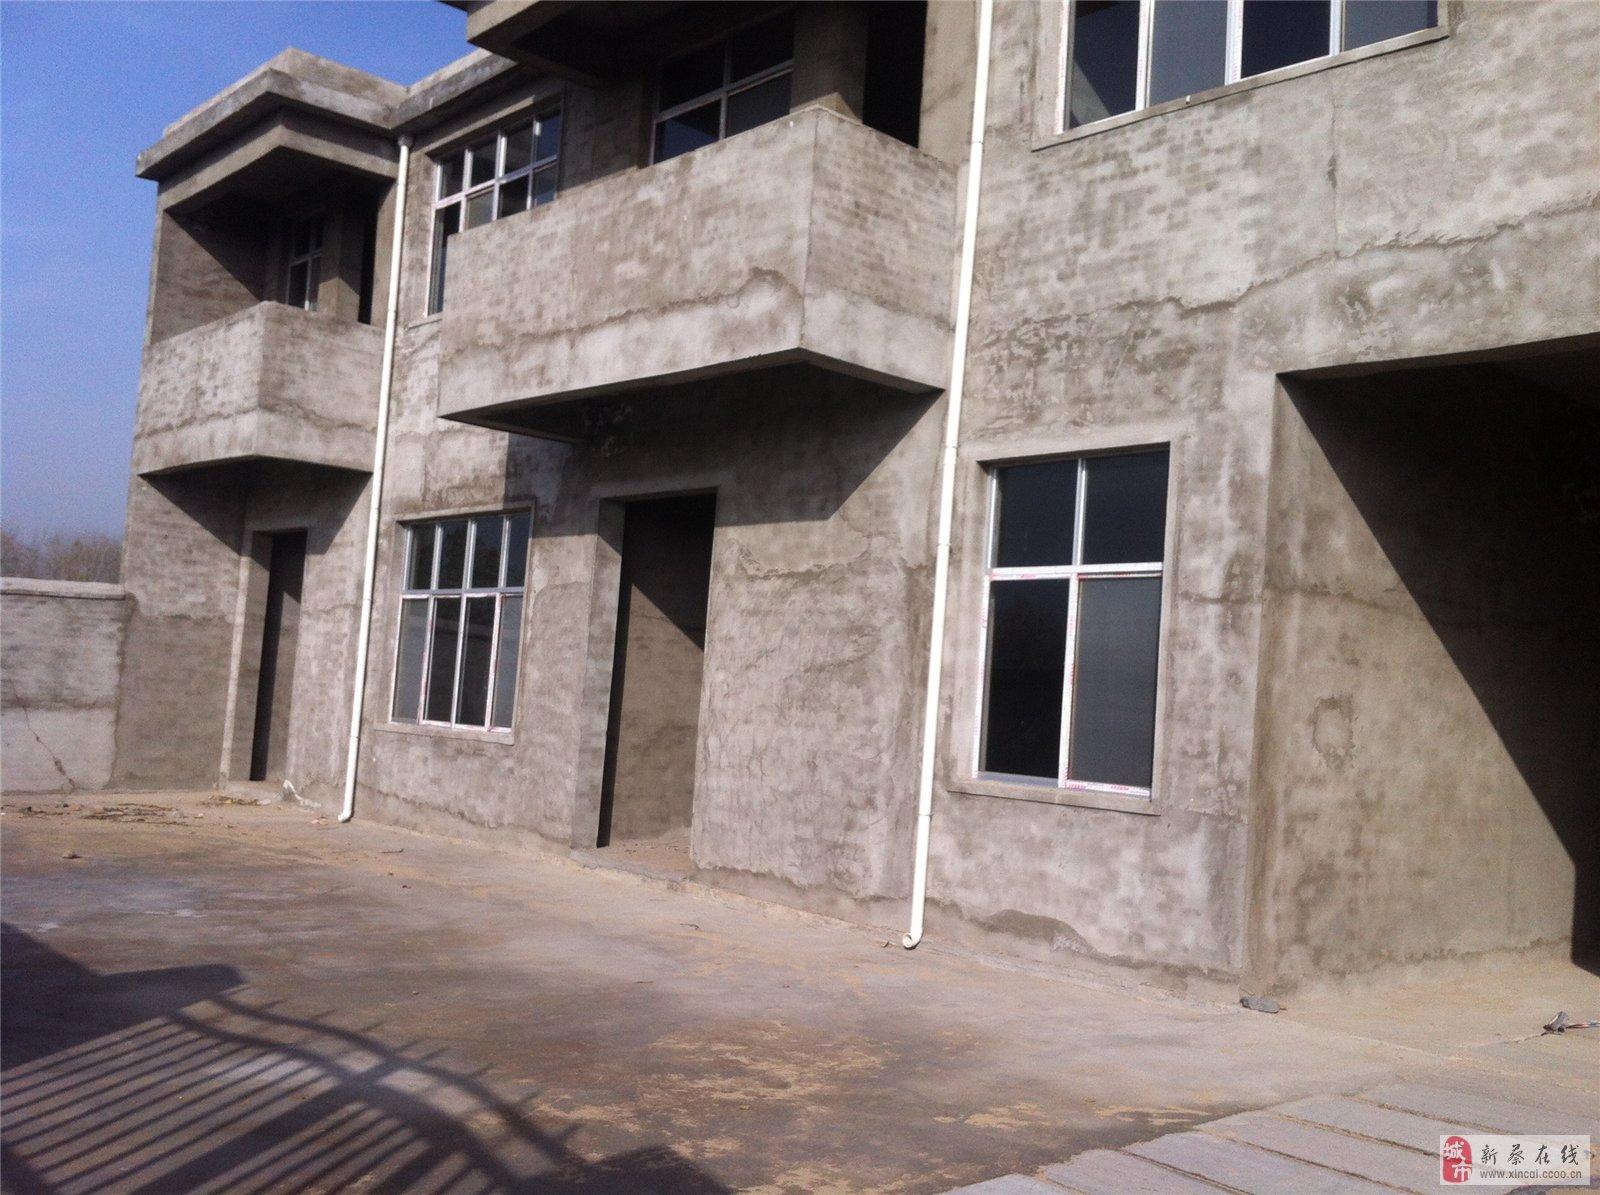 两间三层房屋图片大全 两间三层农村楼房图片 两间  农村两家四间欧式